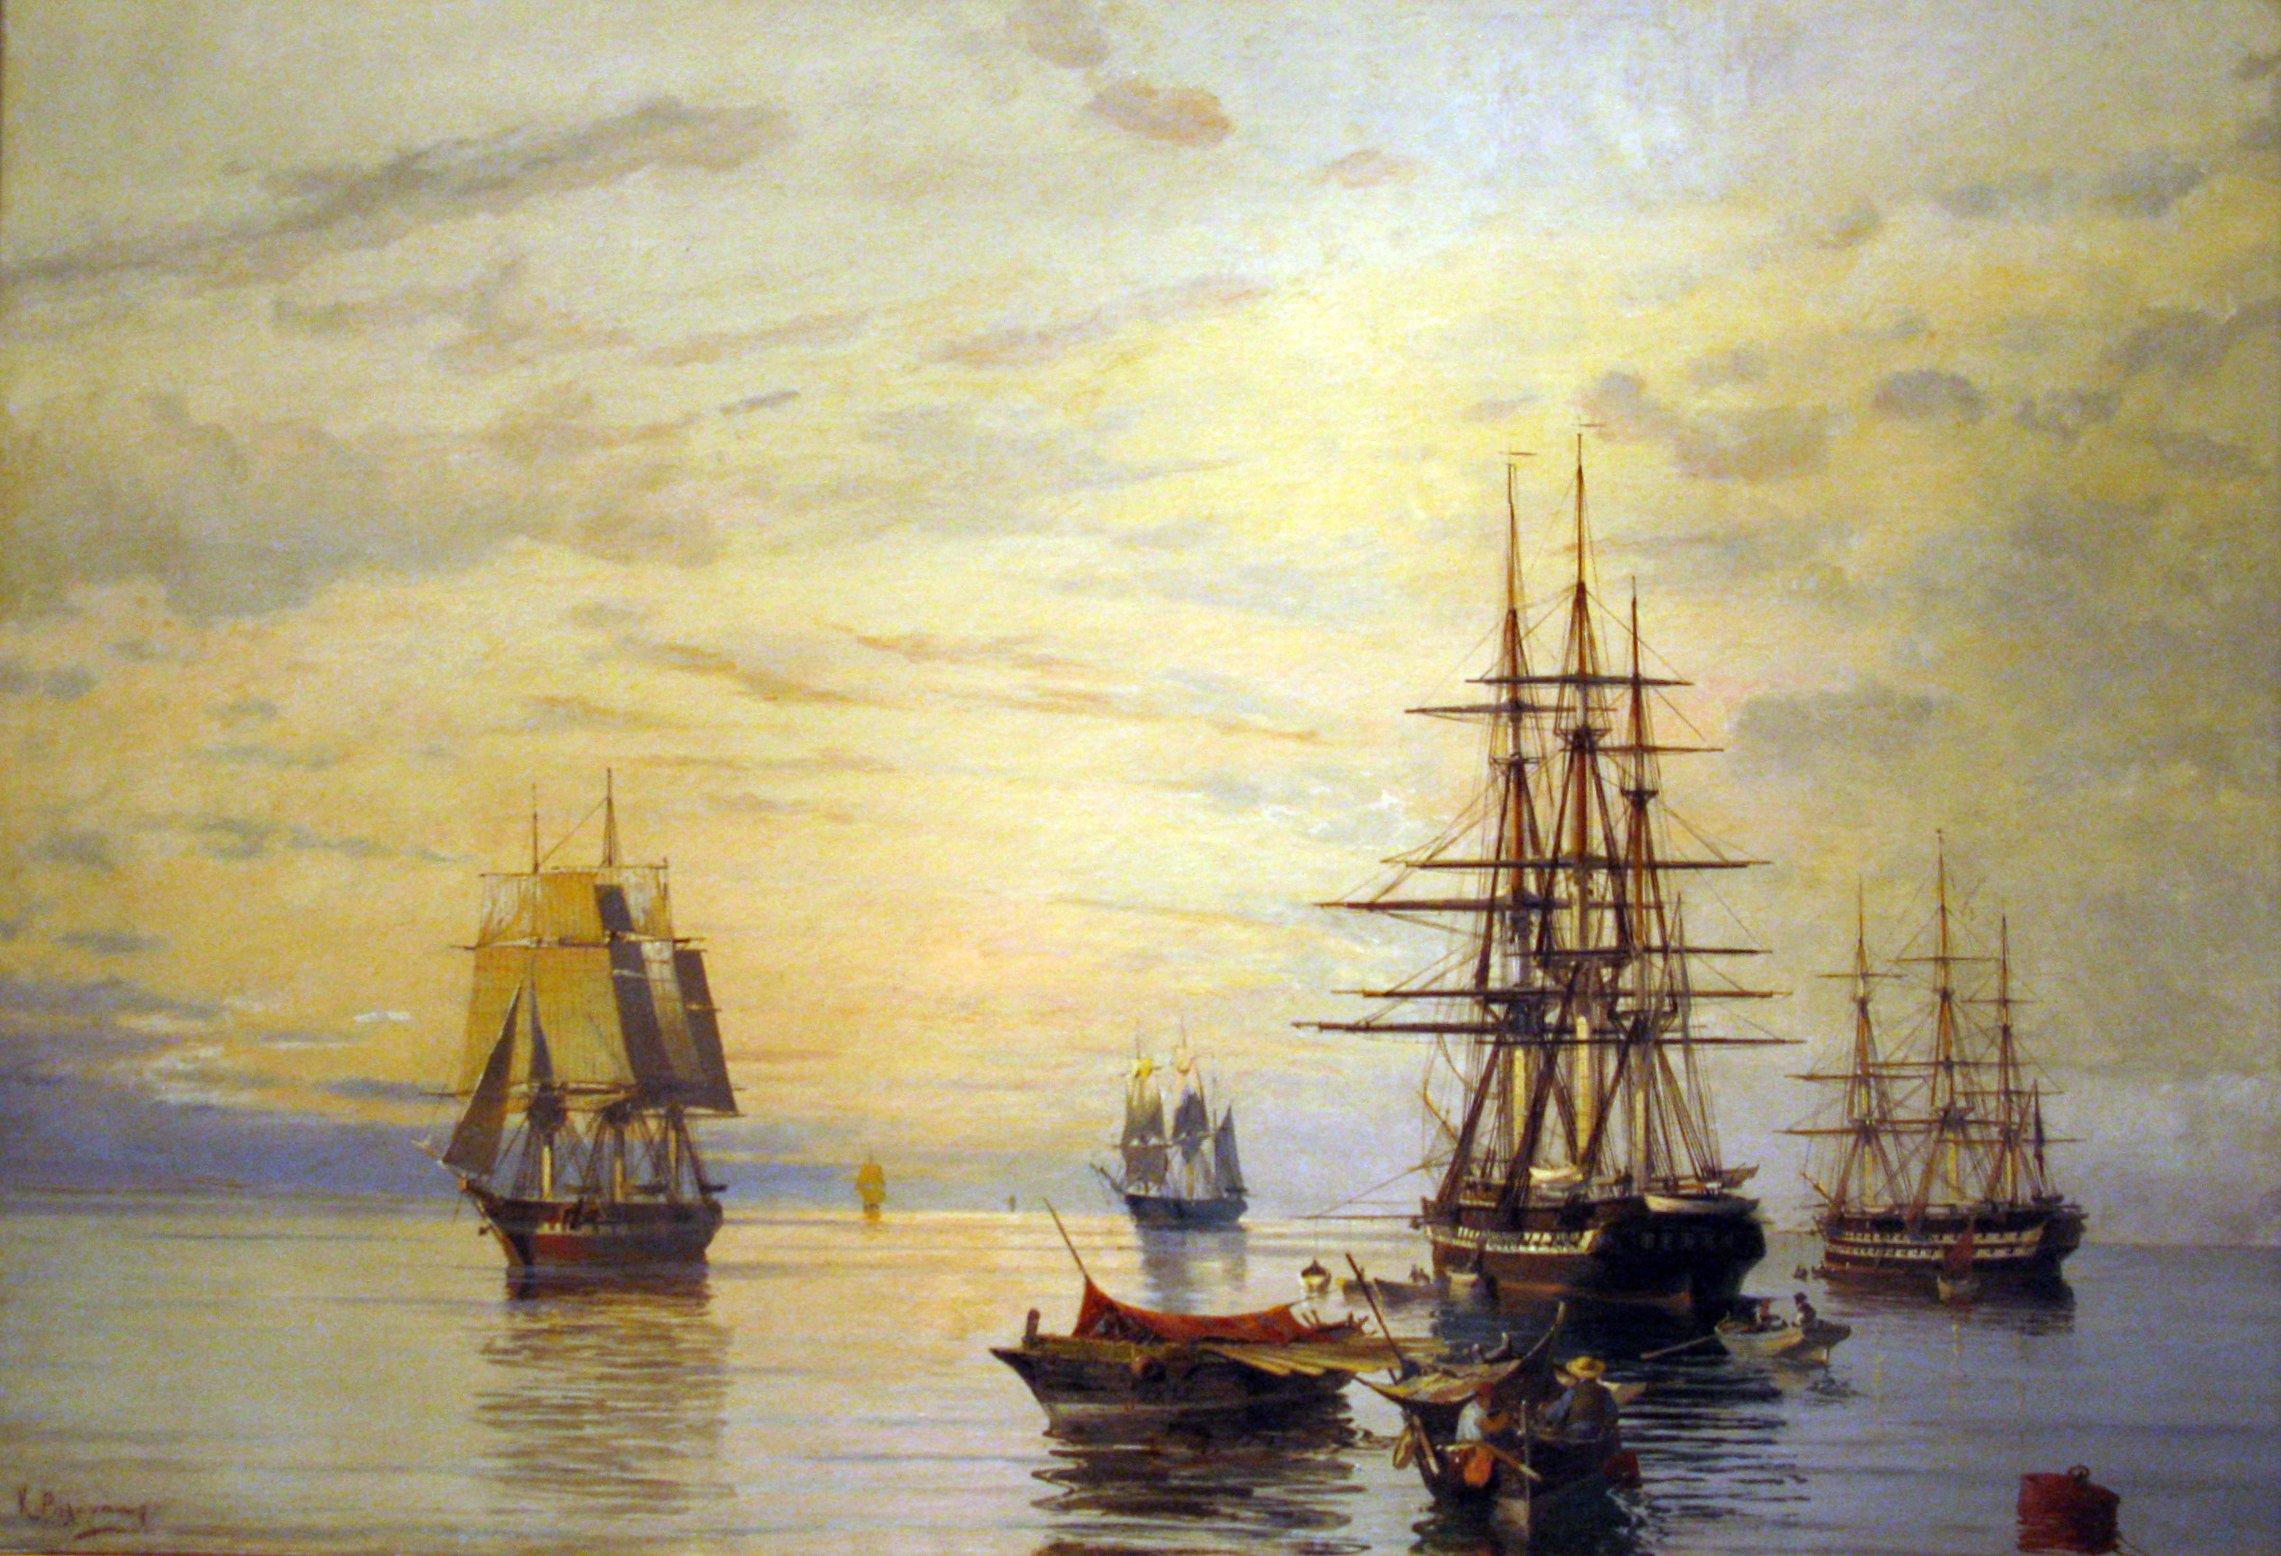 %22Sailing-Ships%22_%28c._1886-1890%29_-